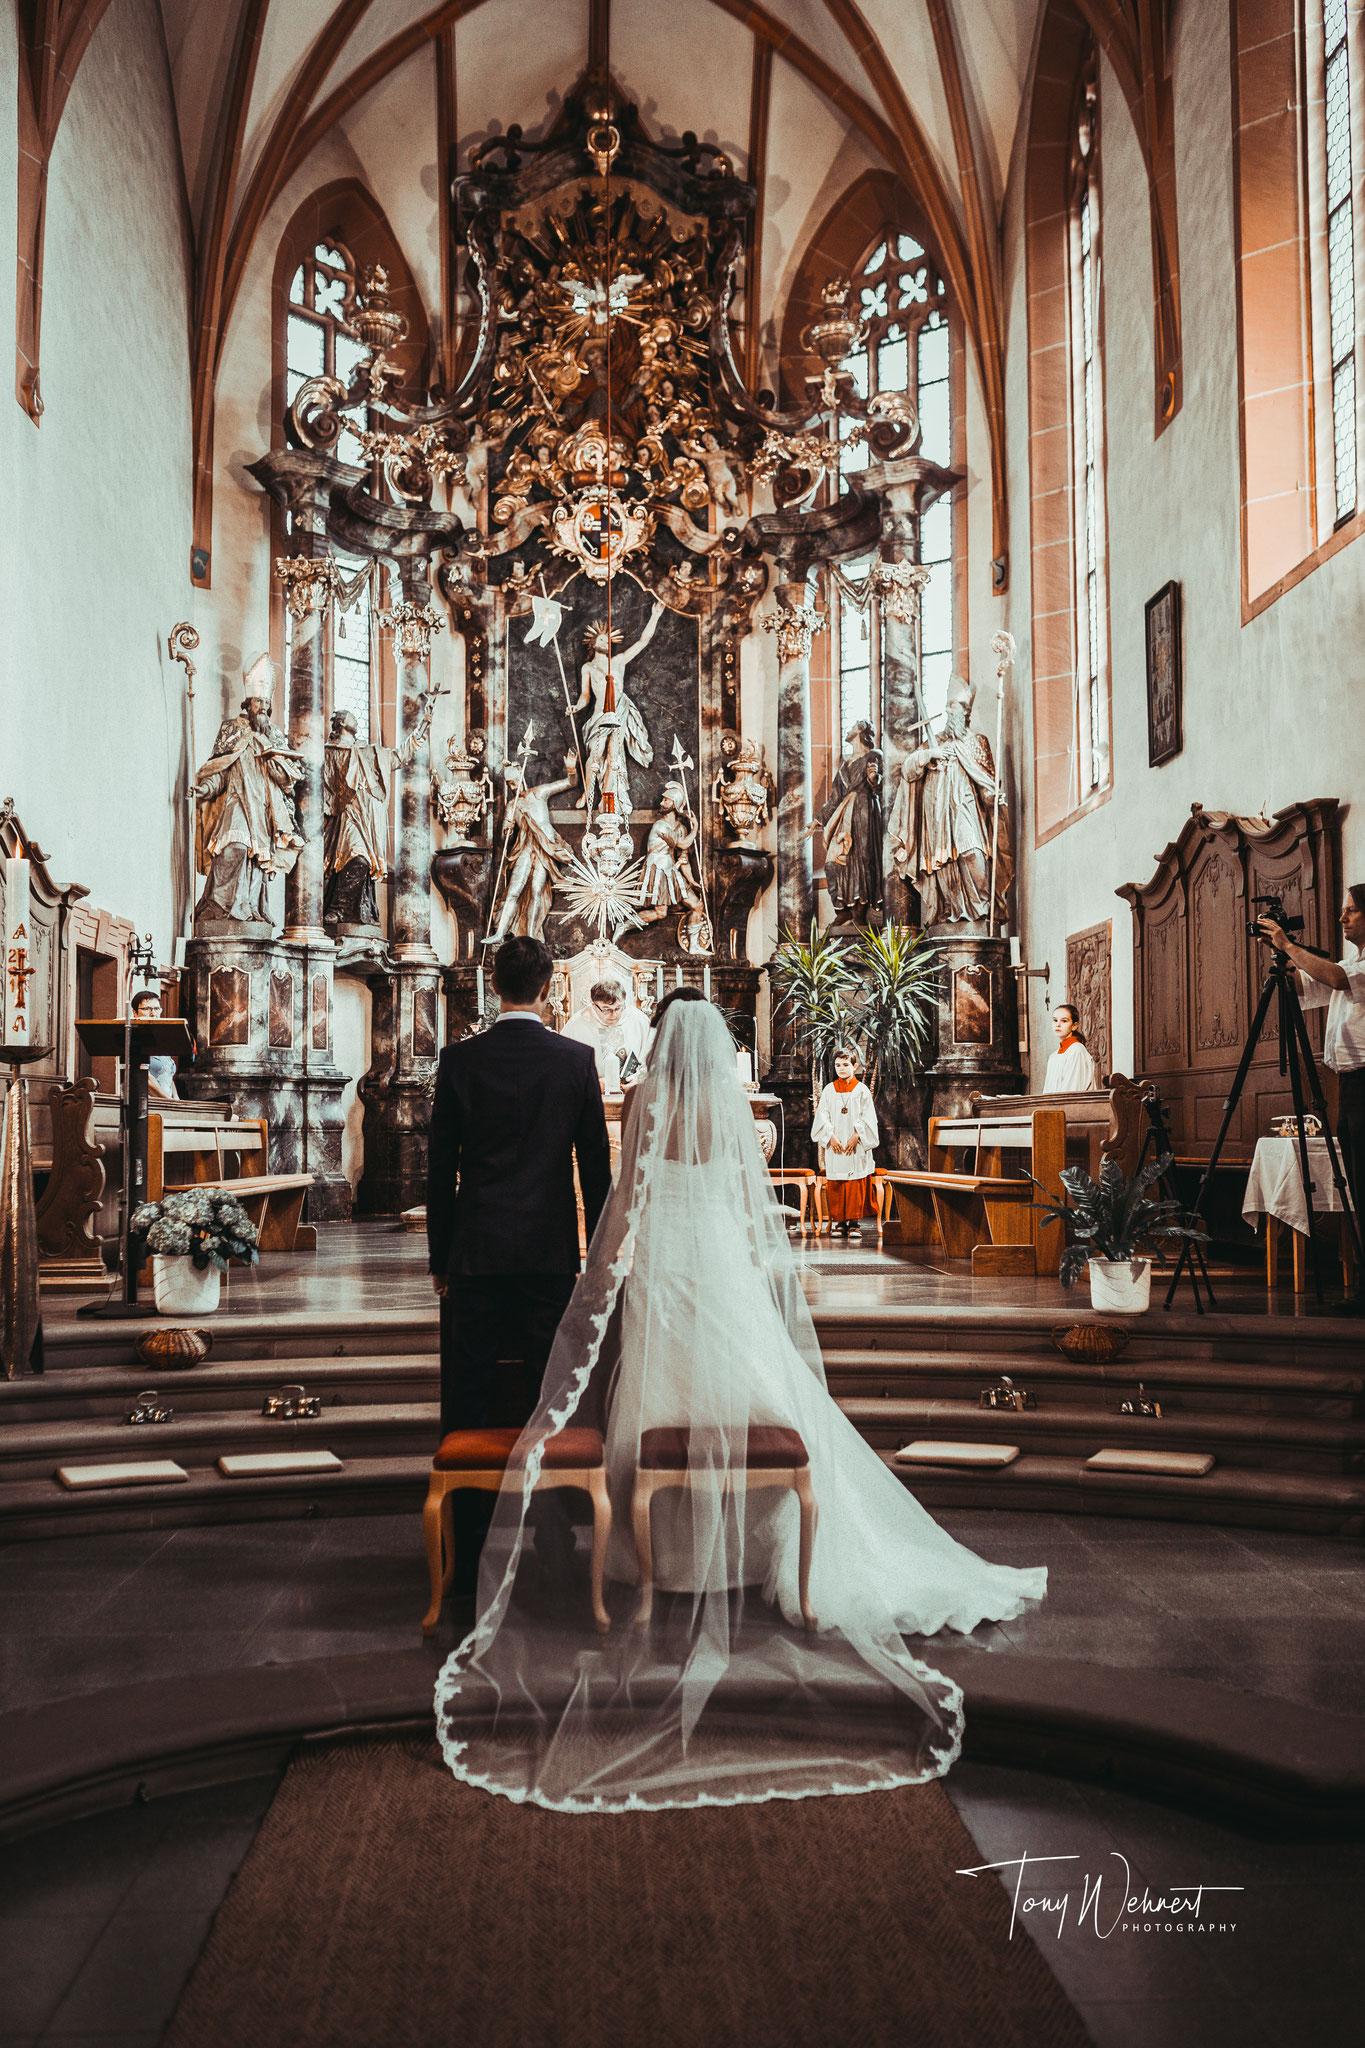 Kirchliche Hochzeit großaufnahme ganze kirche